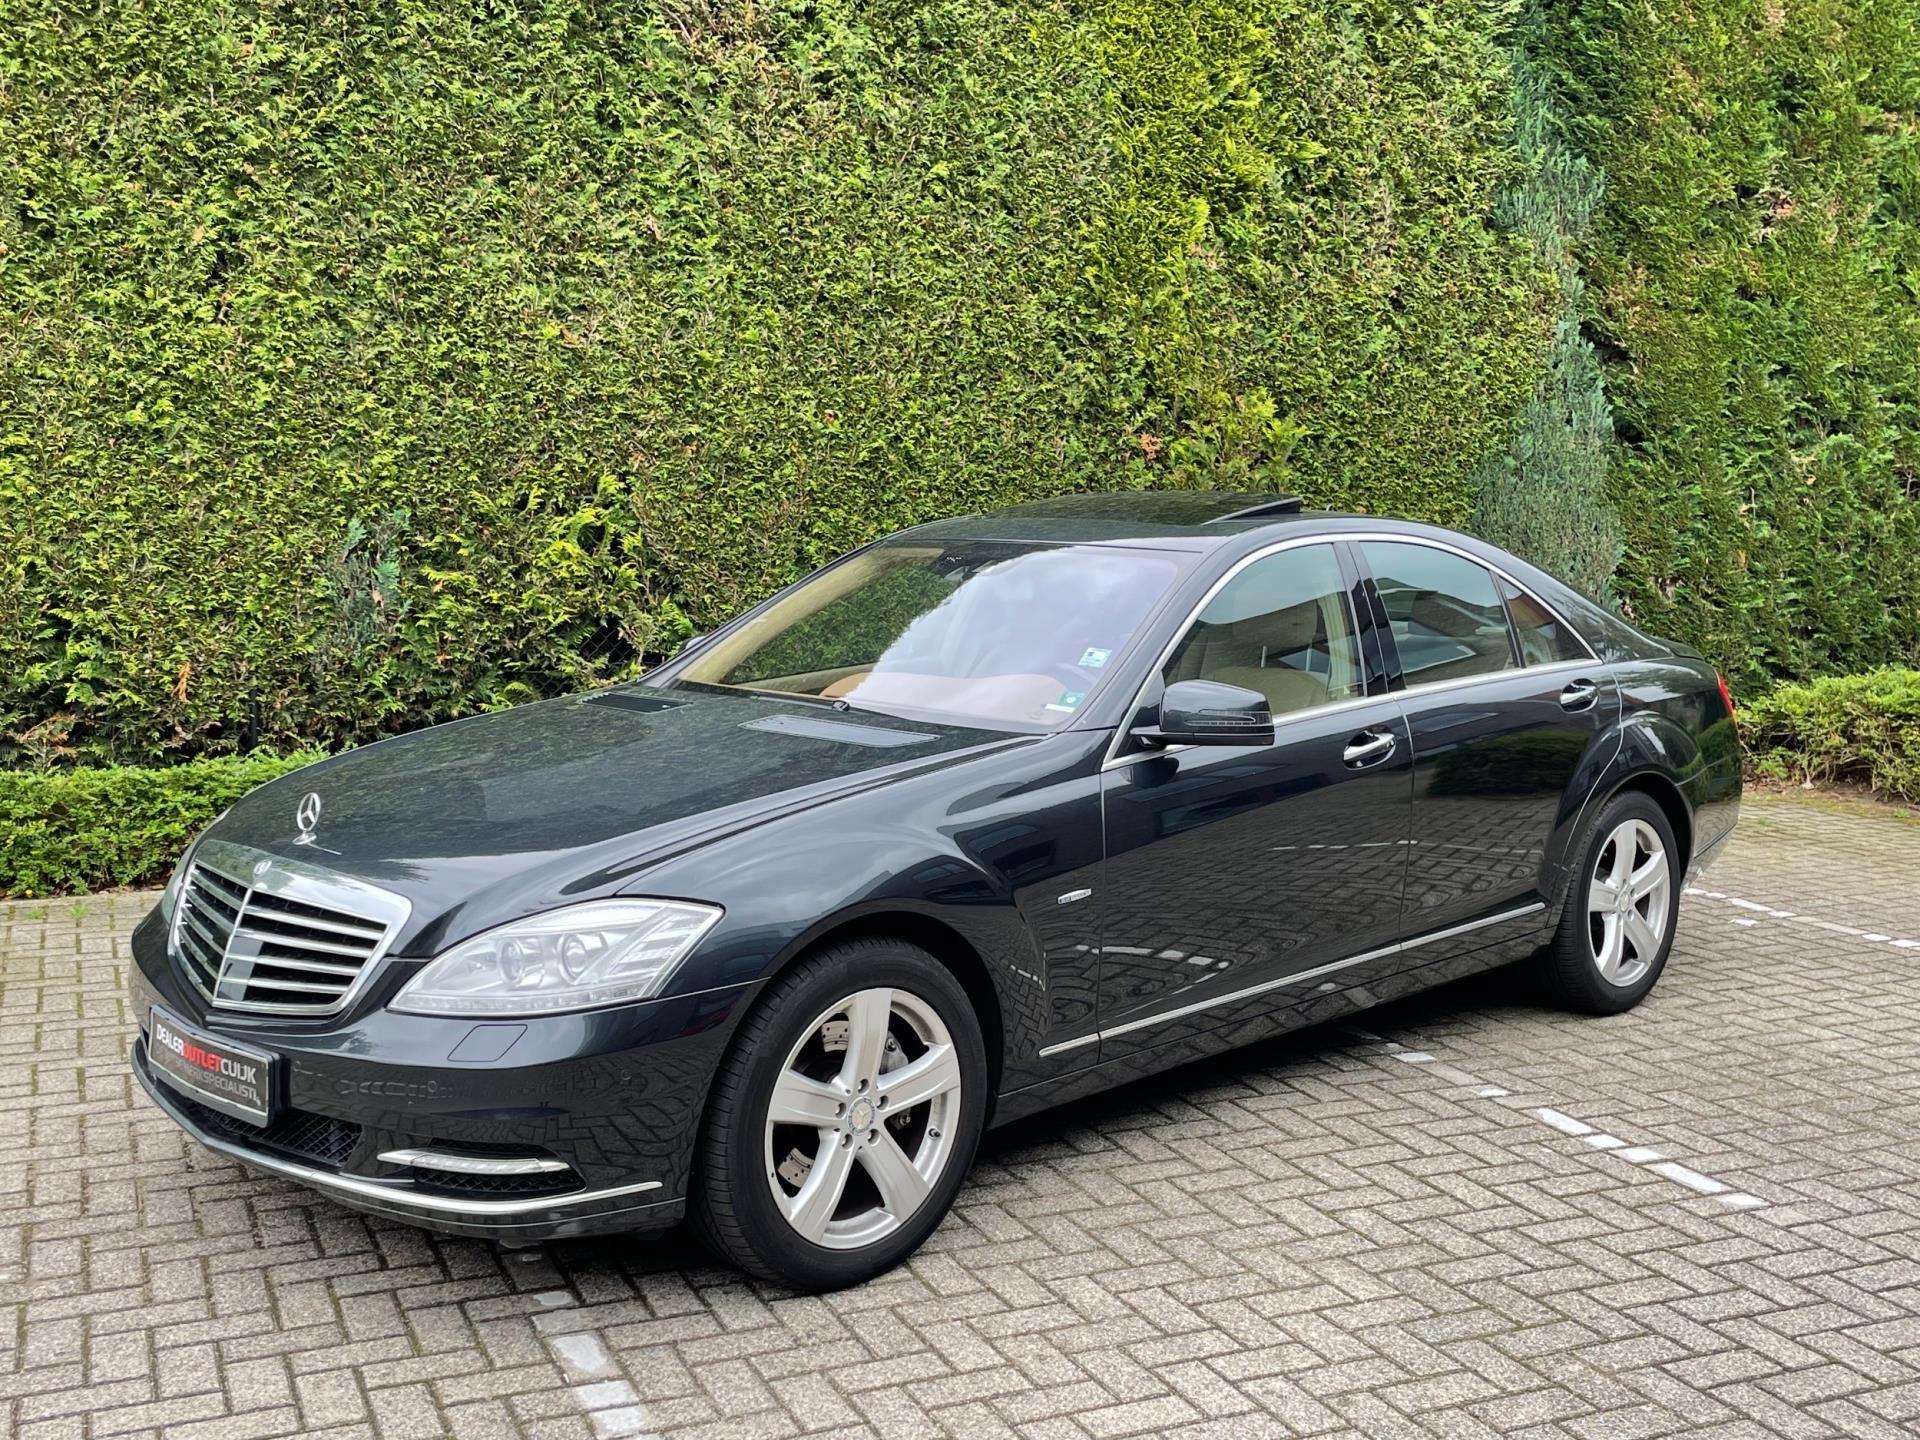 Mercedes-Benz S-klasse occasion - Dealer Outlet Cuijk b.v.